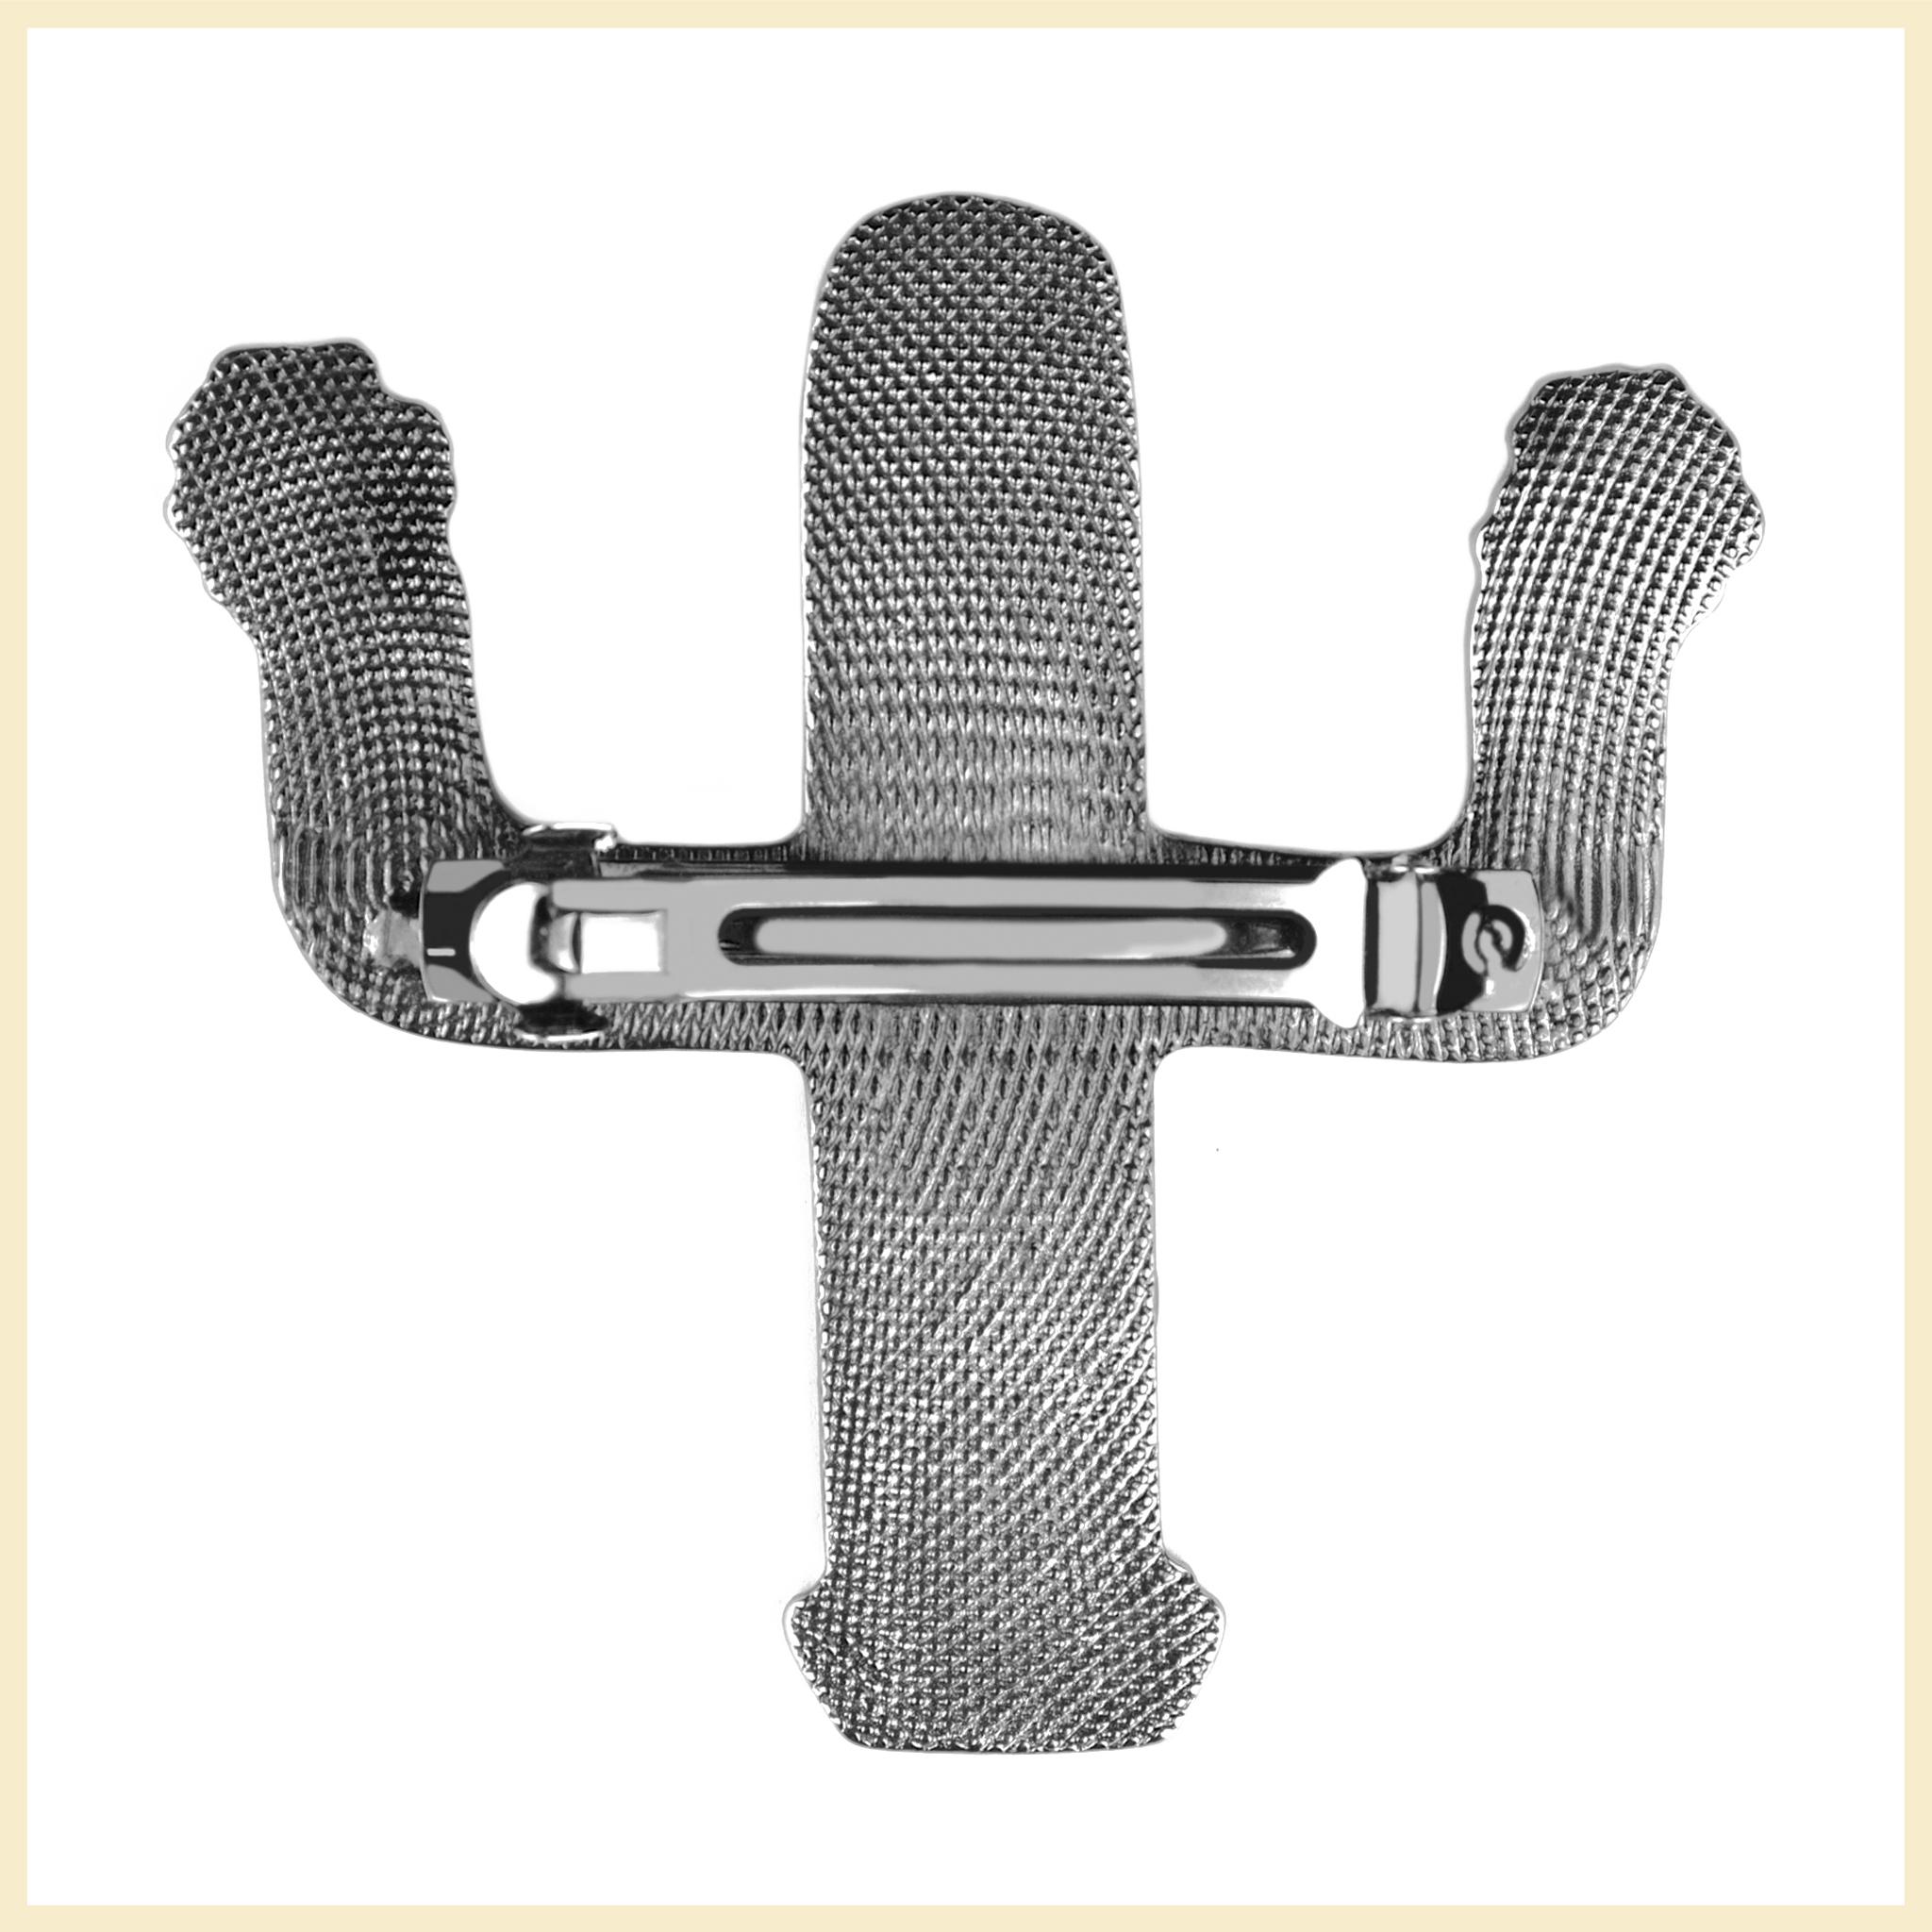 cactus-brooch-cordien-bijoux-jewel-2.jpg